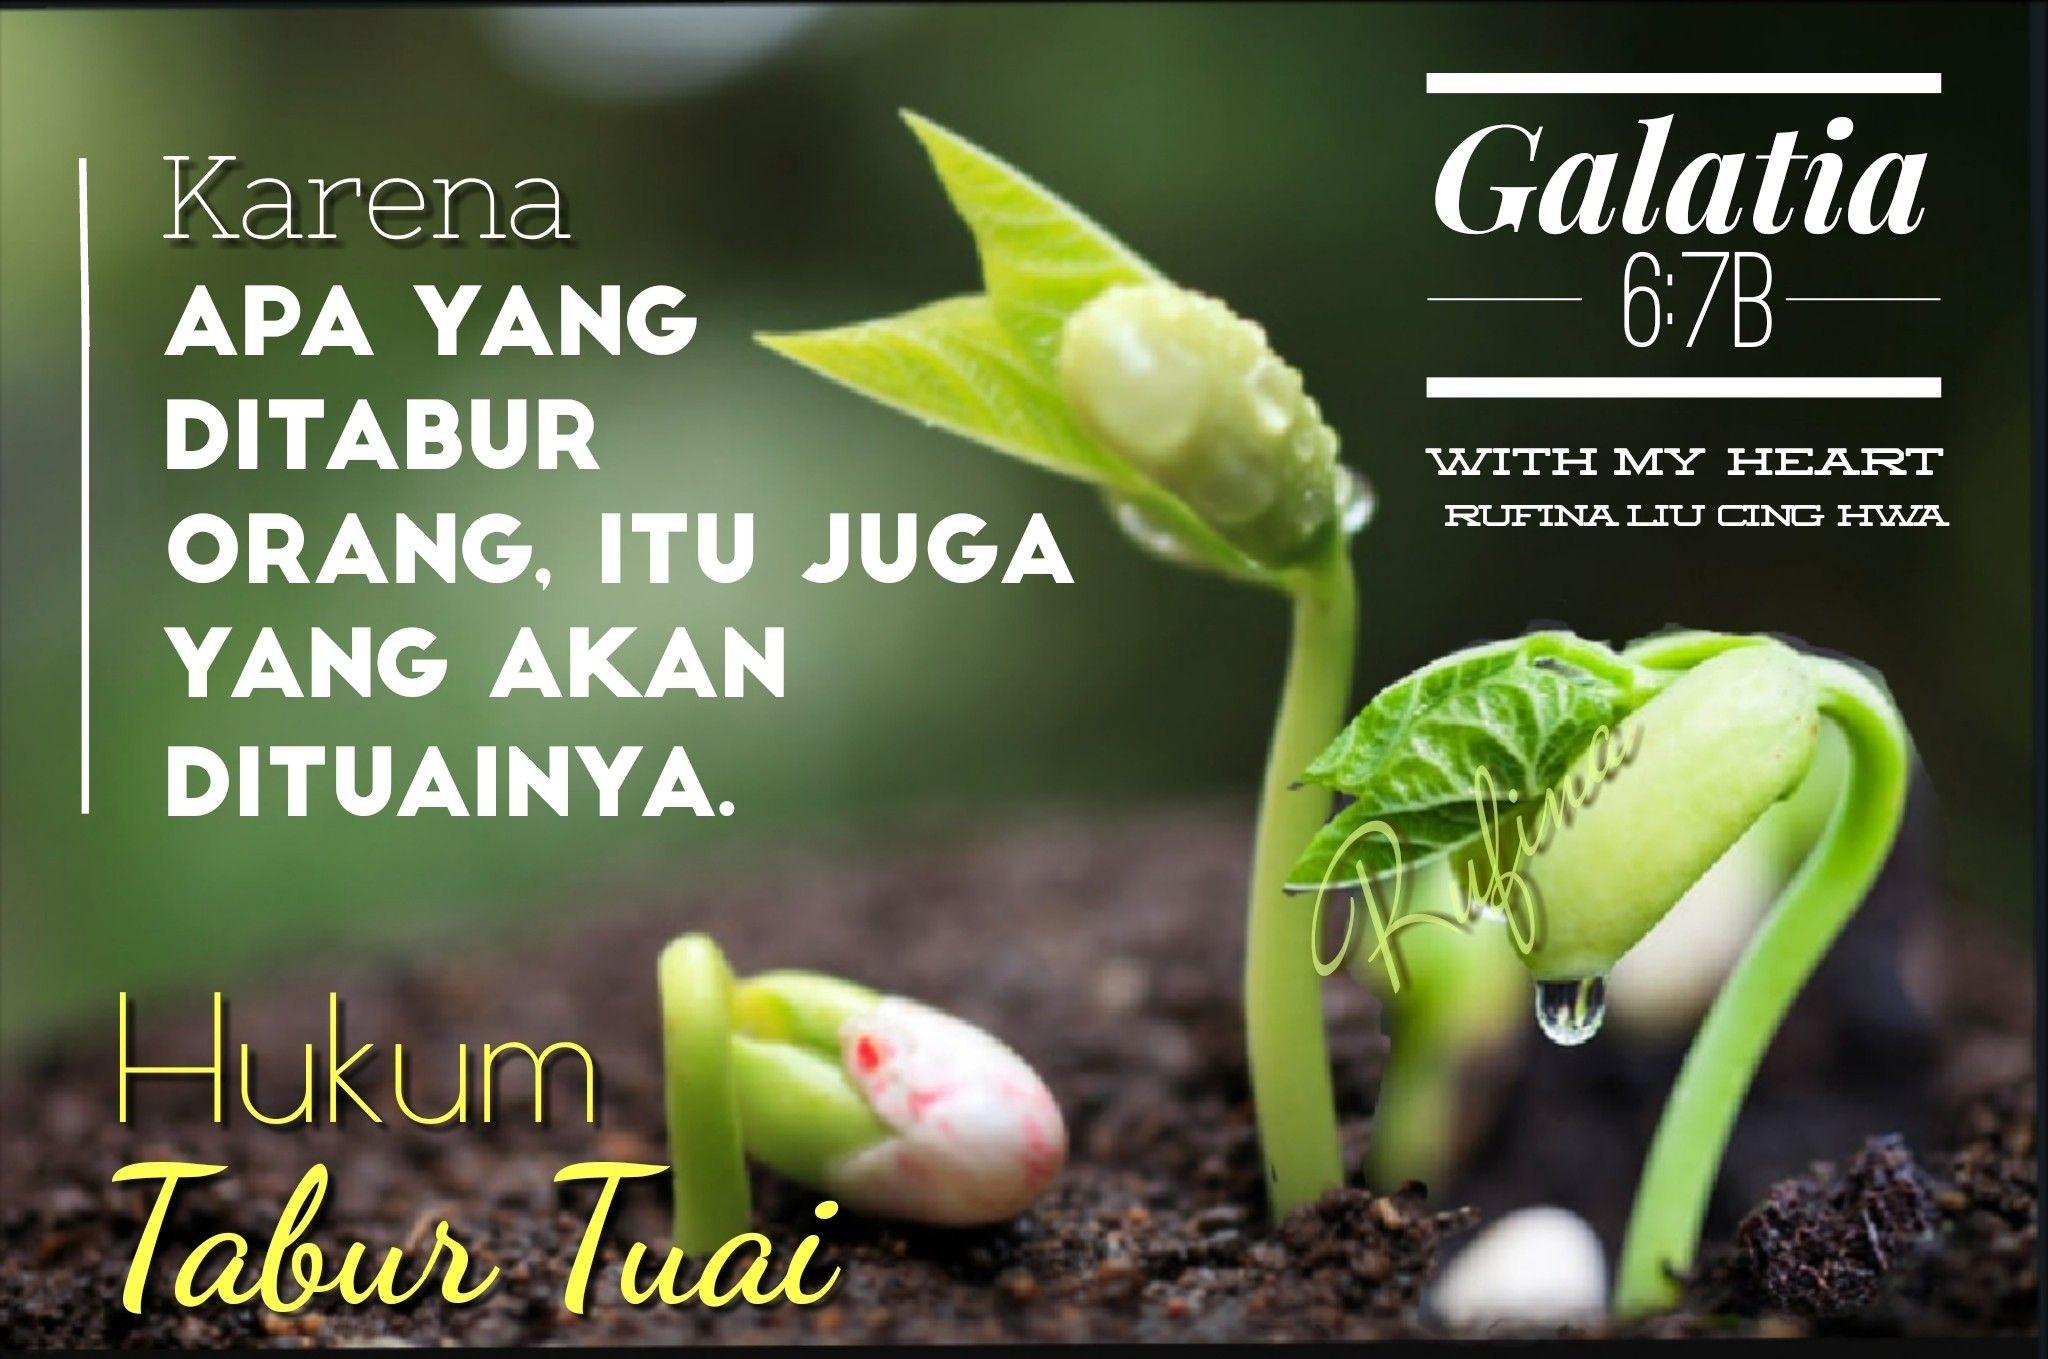 With My Heart Selamat Siang Tym Galatia 6 8 Sebab Barangsiapa Menabu Ayat Alkitab Mazmur 4 Kutipan Alkitab